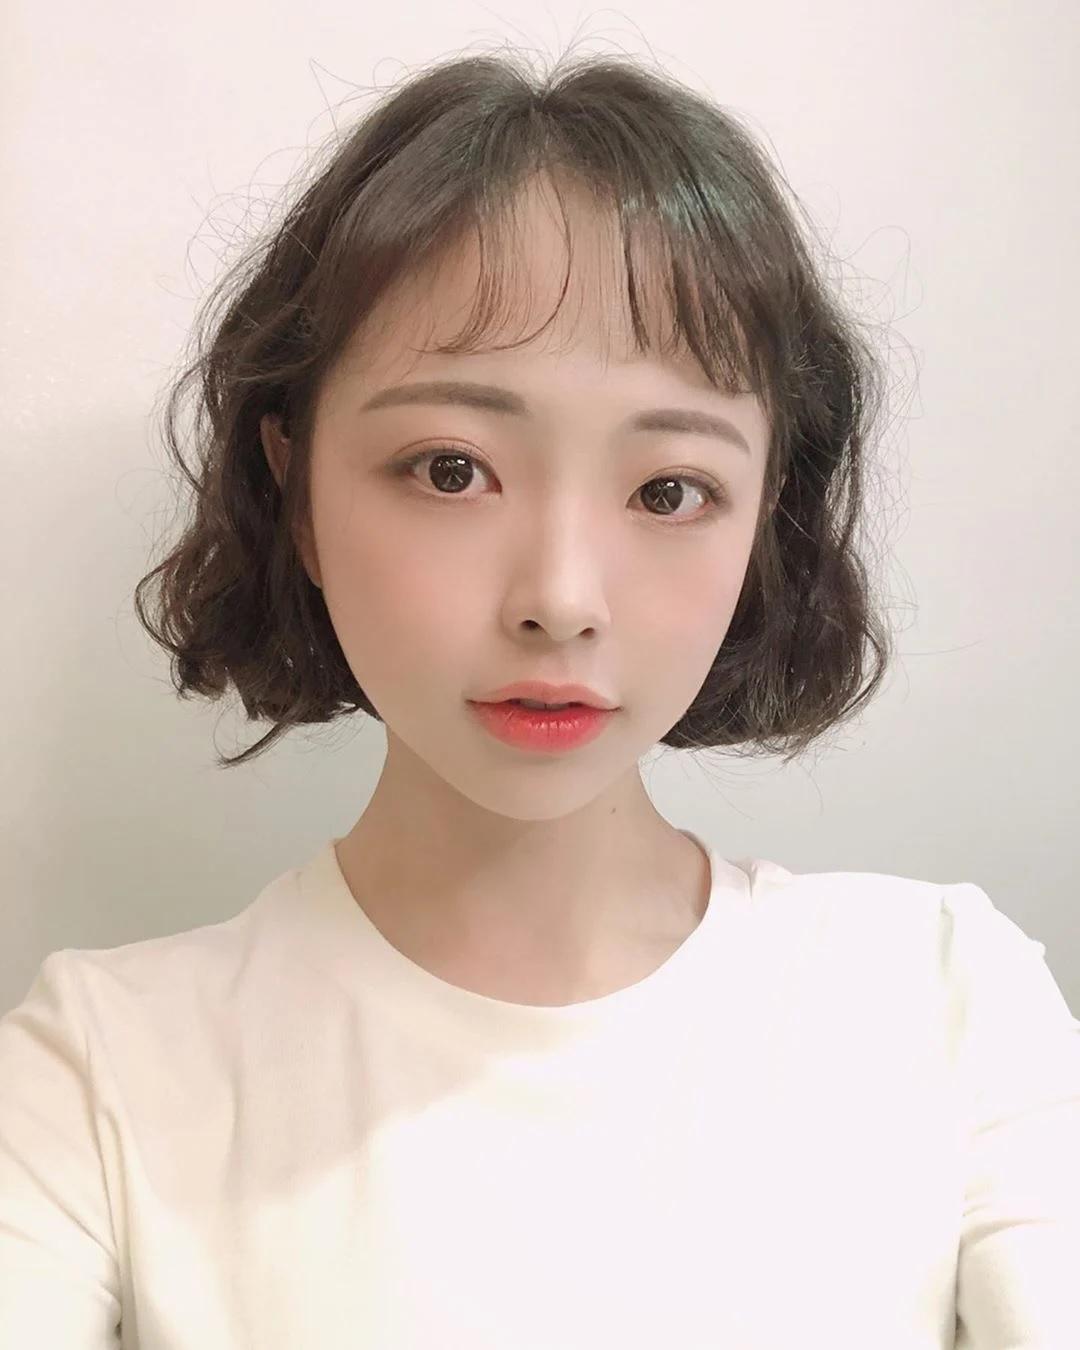 """Nàng tóc ngắn muốn đổi tóc thì cần ngó ngay 6 kiểu tóc siêu xinh và """"nịnh mặt"""" - Ảnh 6."""